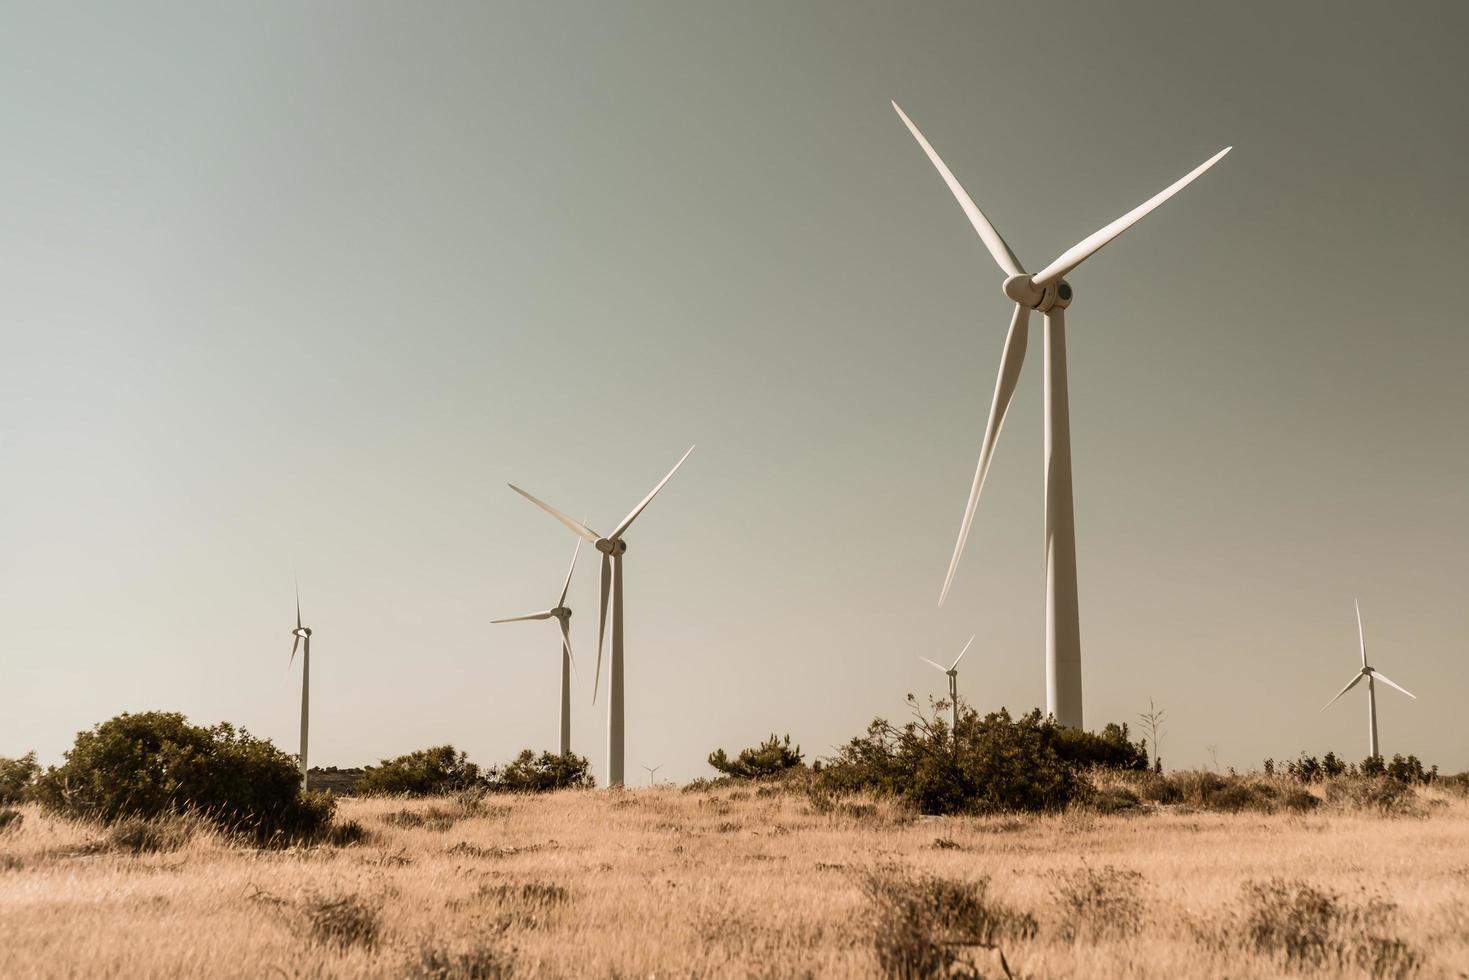 éoliennes en milieu rural photo